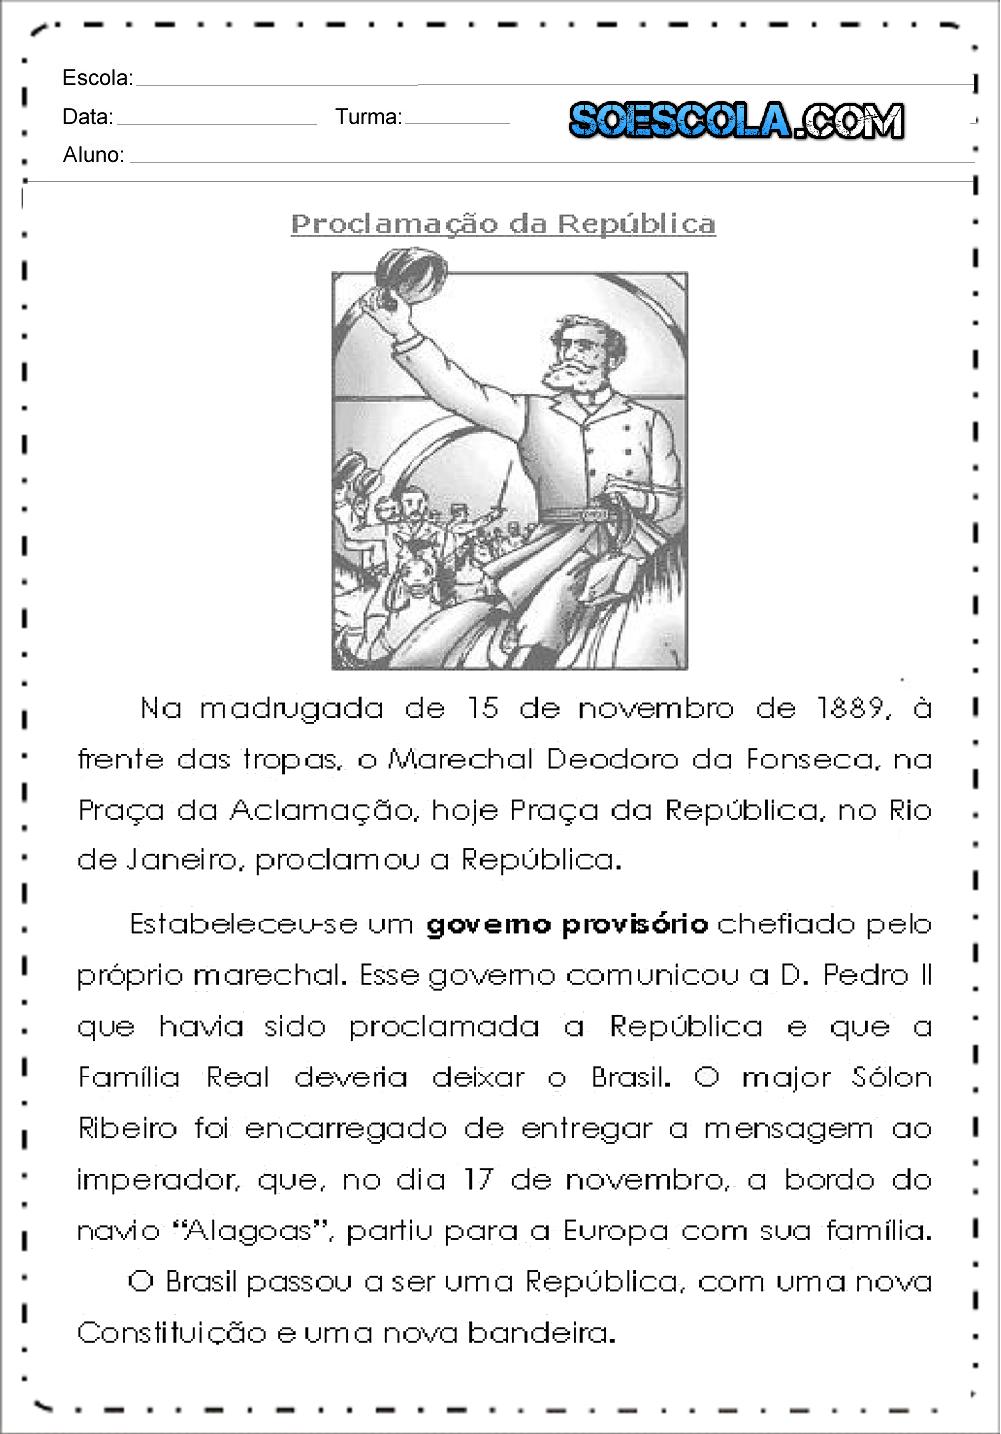 Atividades Proclamação da República 4 ano - Para Imprimir - Baixe.